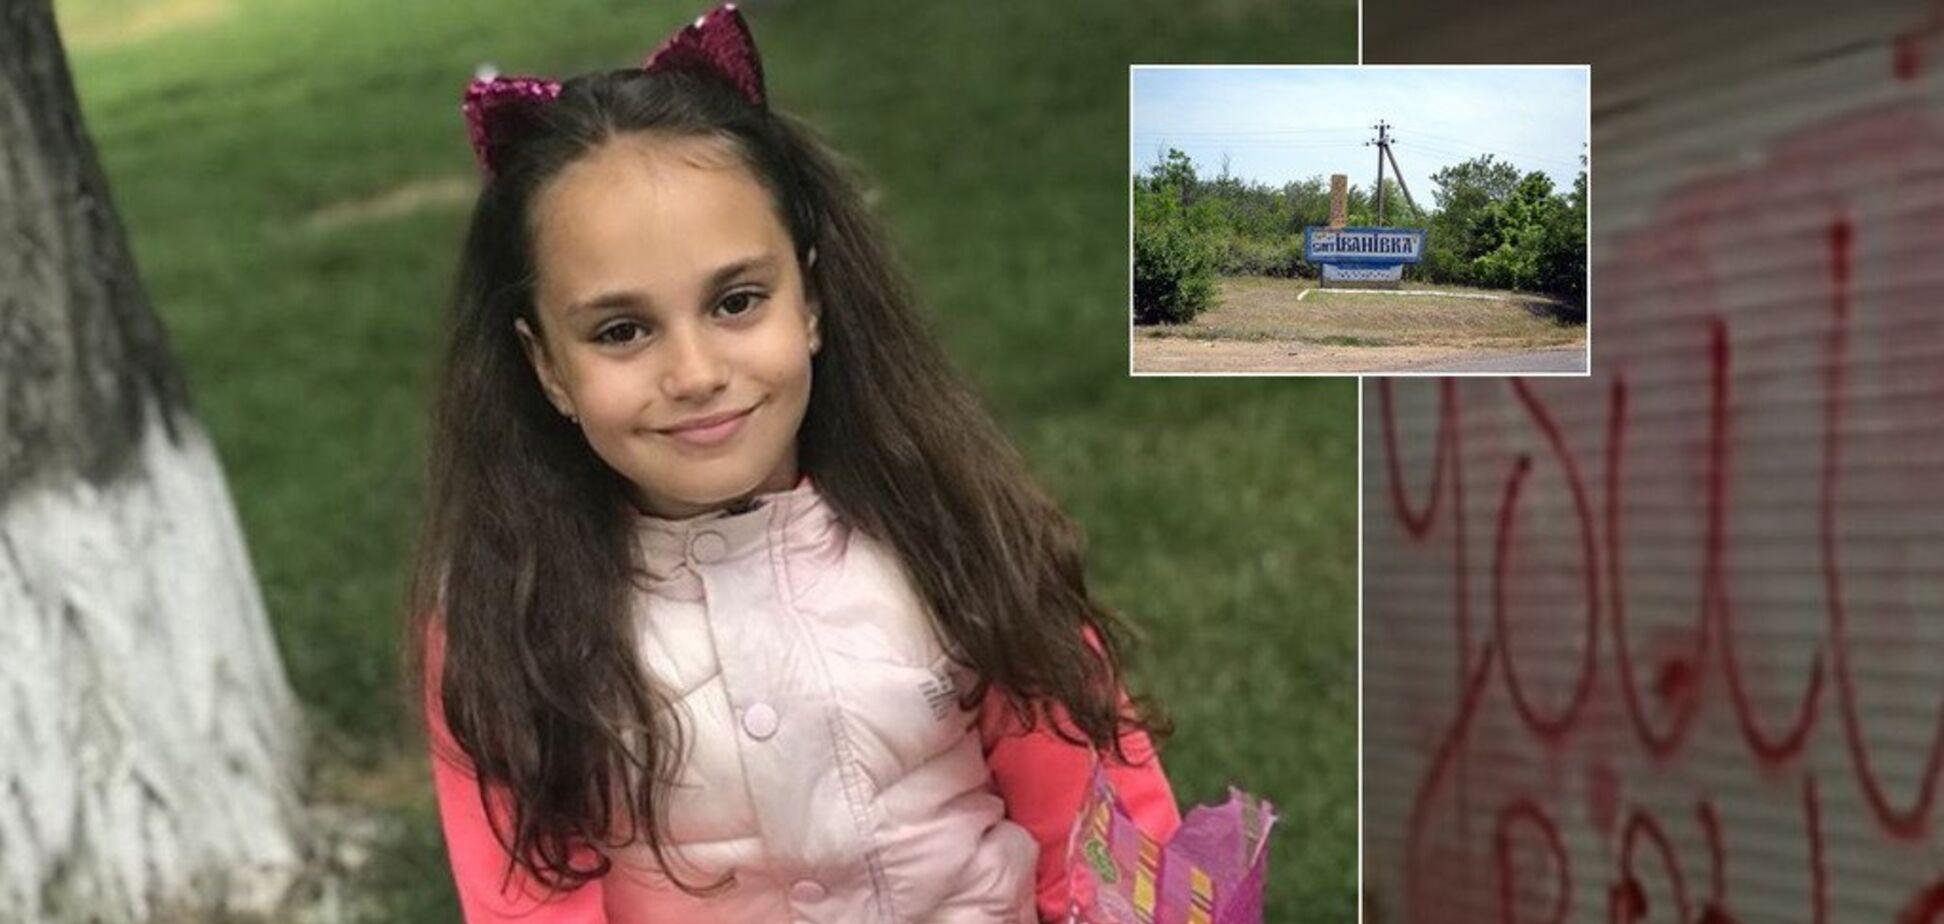 'Мы их видеть не можем': в селе под Одессой объявили травлю из-за убийства 11-летней девочки